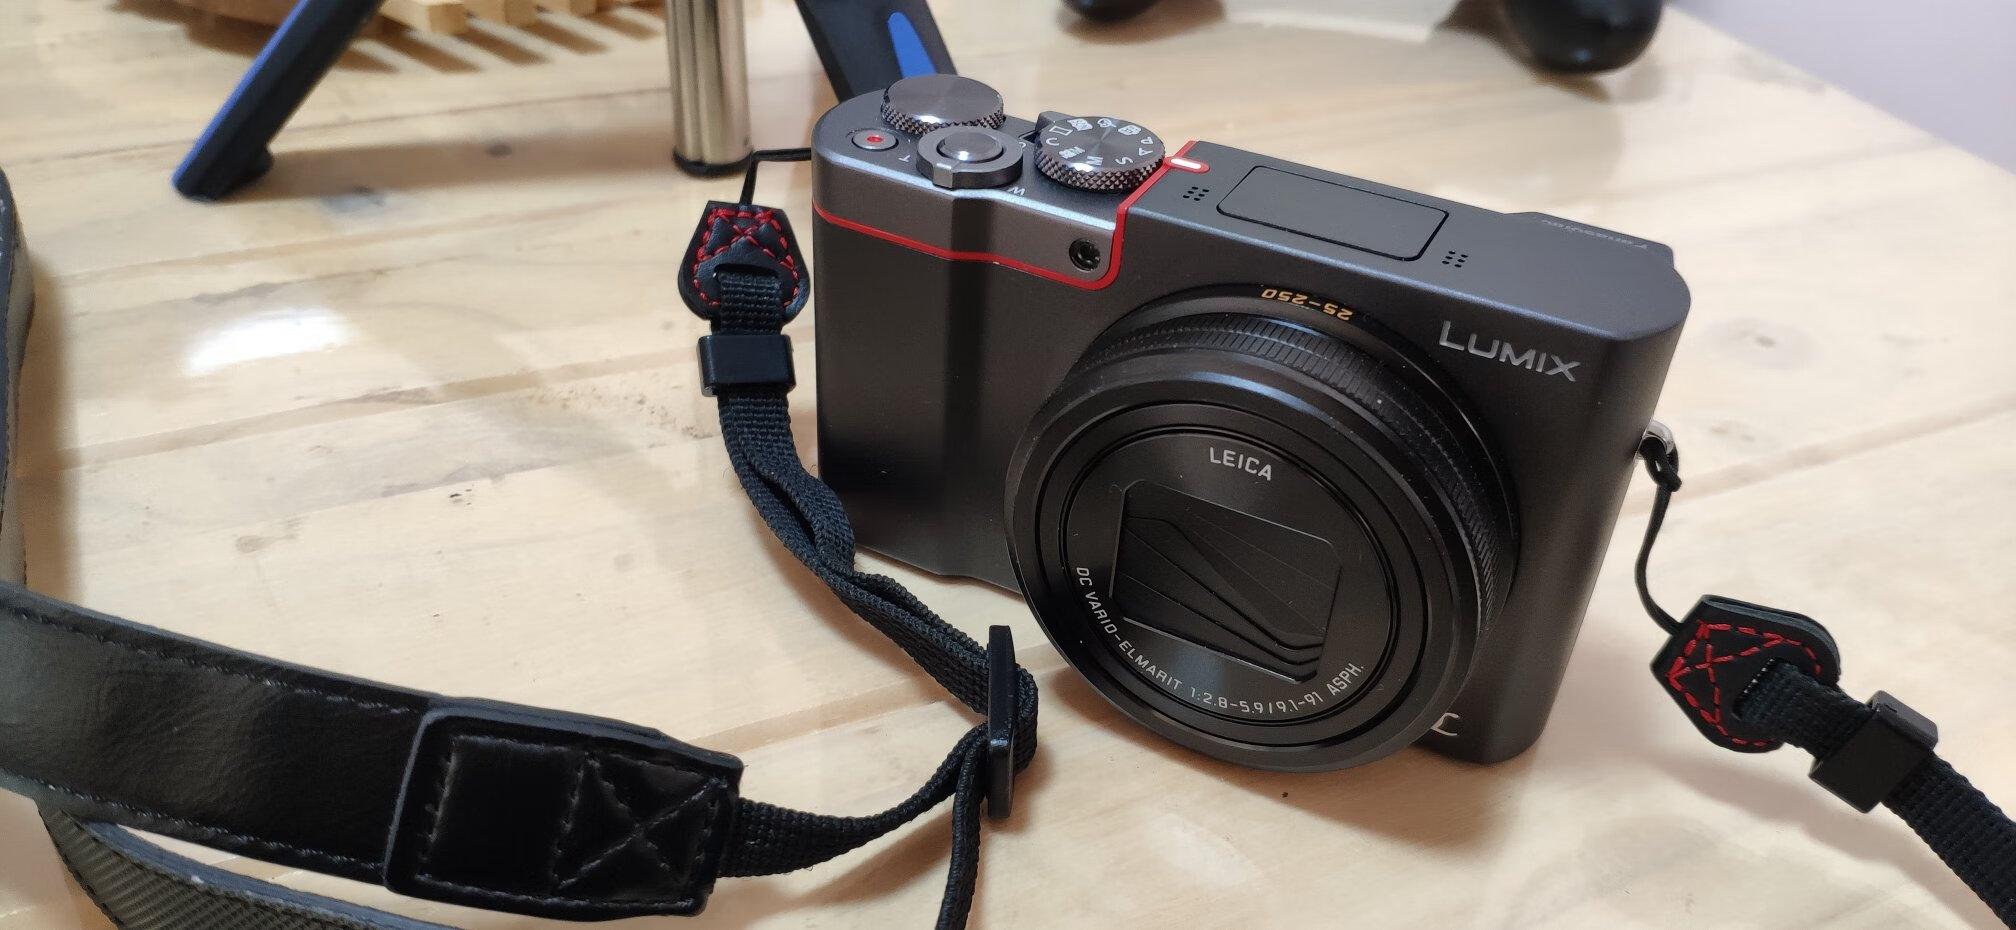 松下1英寸大底数码相机,旅游出差随身携带礼物